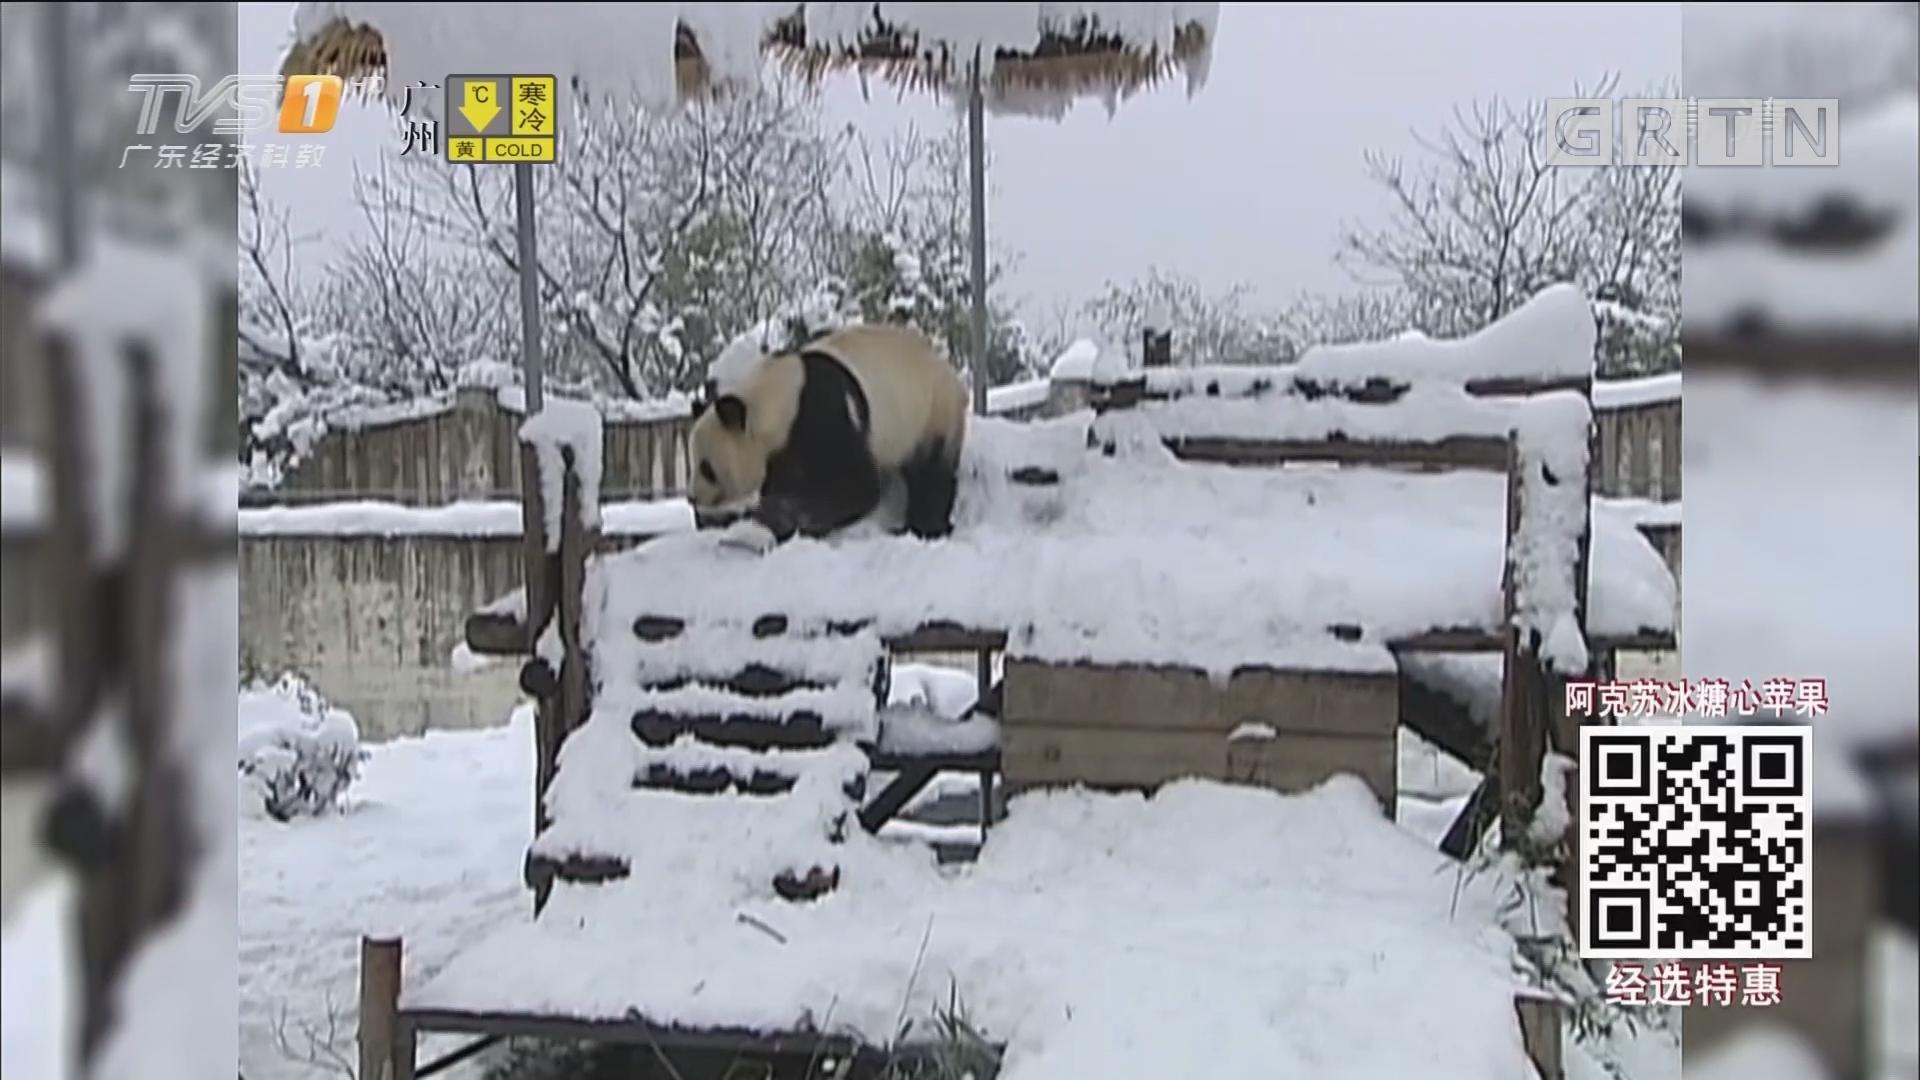 室外天寒地冻 动物过冬 各显神通